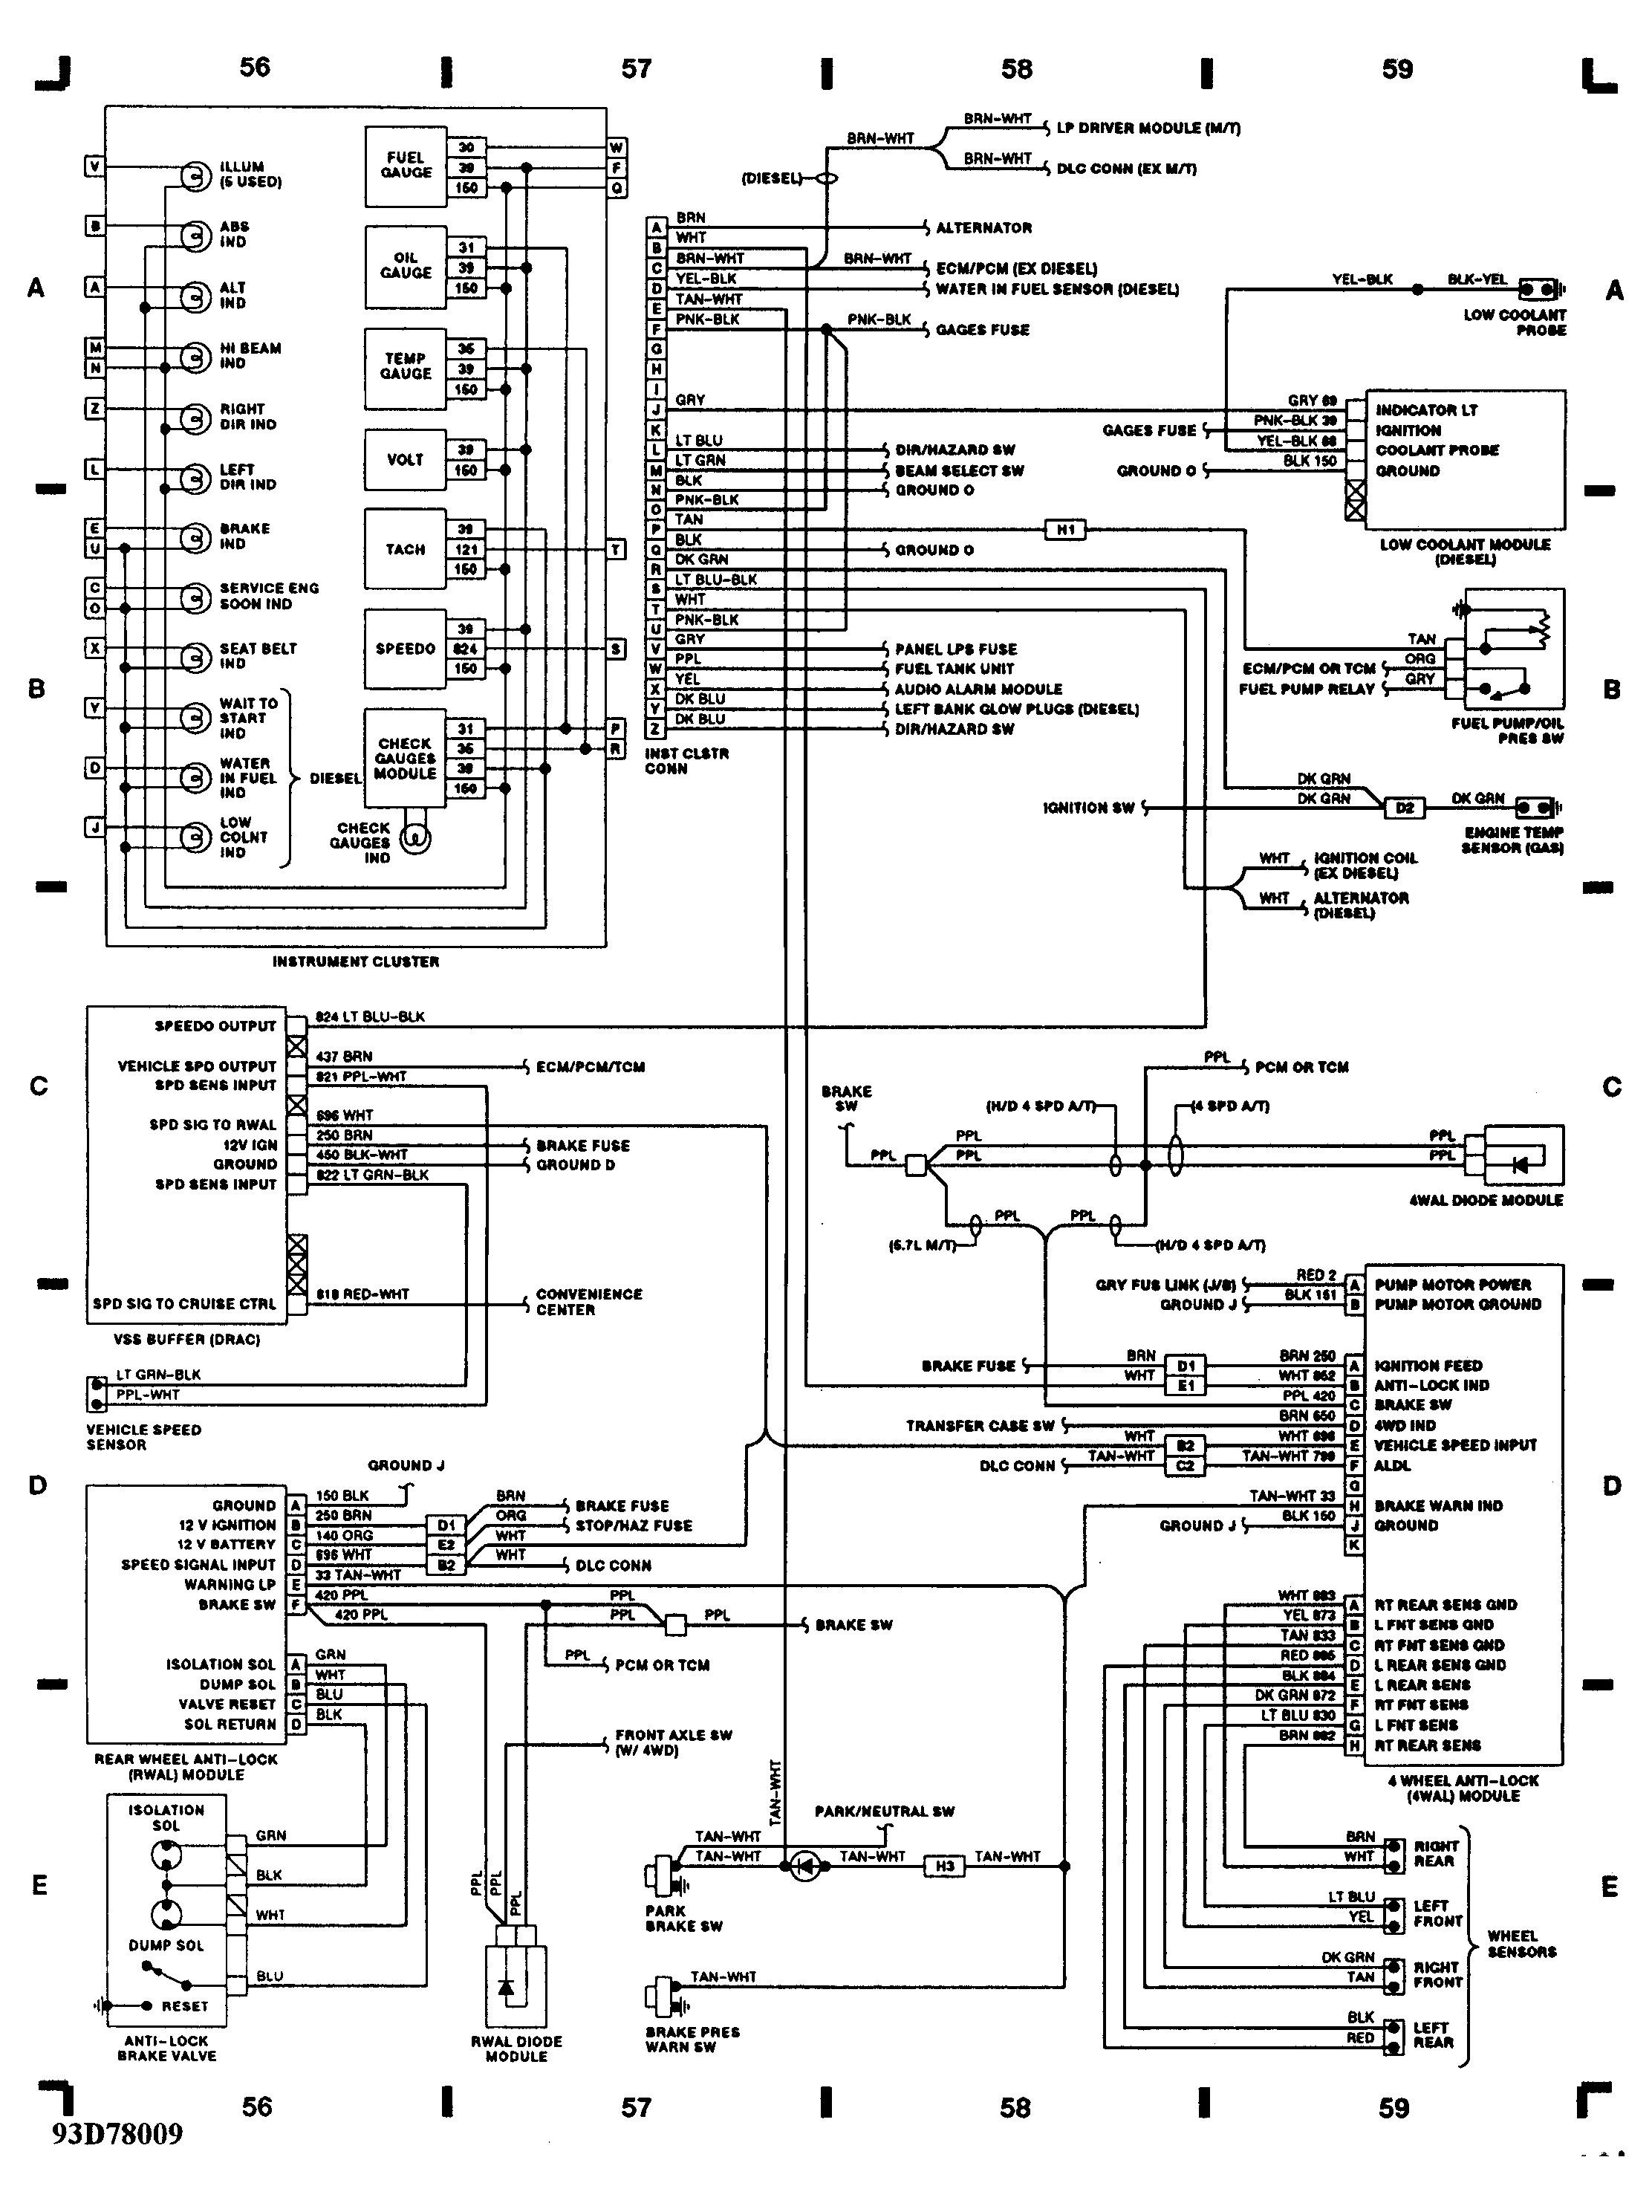 3126 Caterpillar Ecm Diagram | Wiring Diagram | Article Review on caterpillar turbo diagram, caterpillar wiring diagram, caterpillar alternator diagram, caterpillar radiator diagram, caterpillar engine diagram, caterpillar clutch diagram, caterpillar ignition switch diagram,